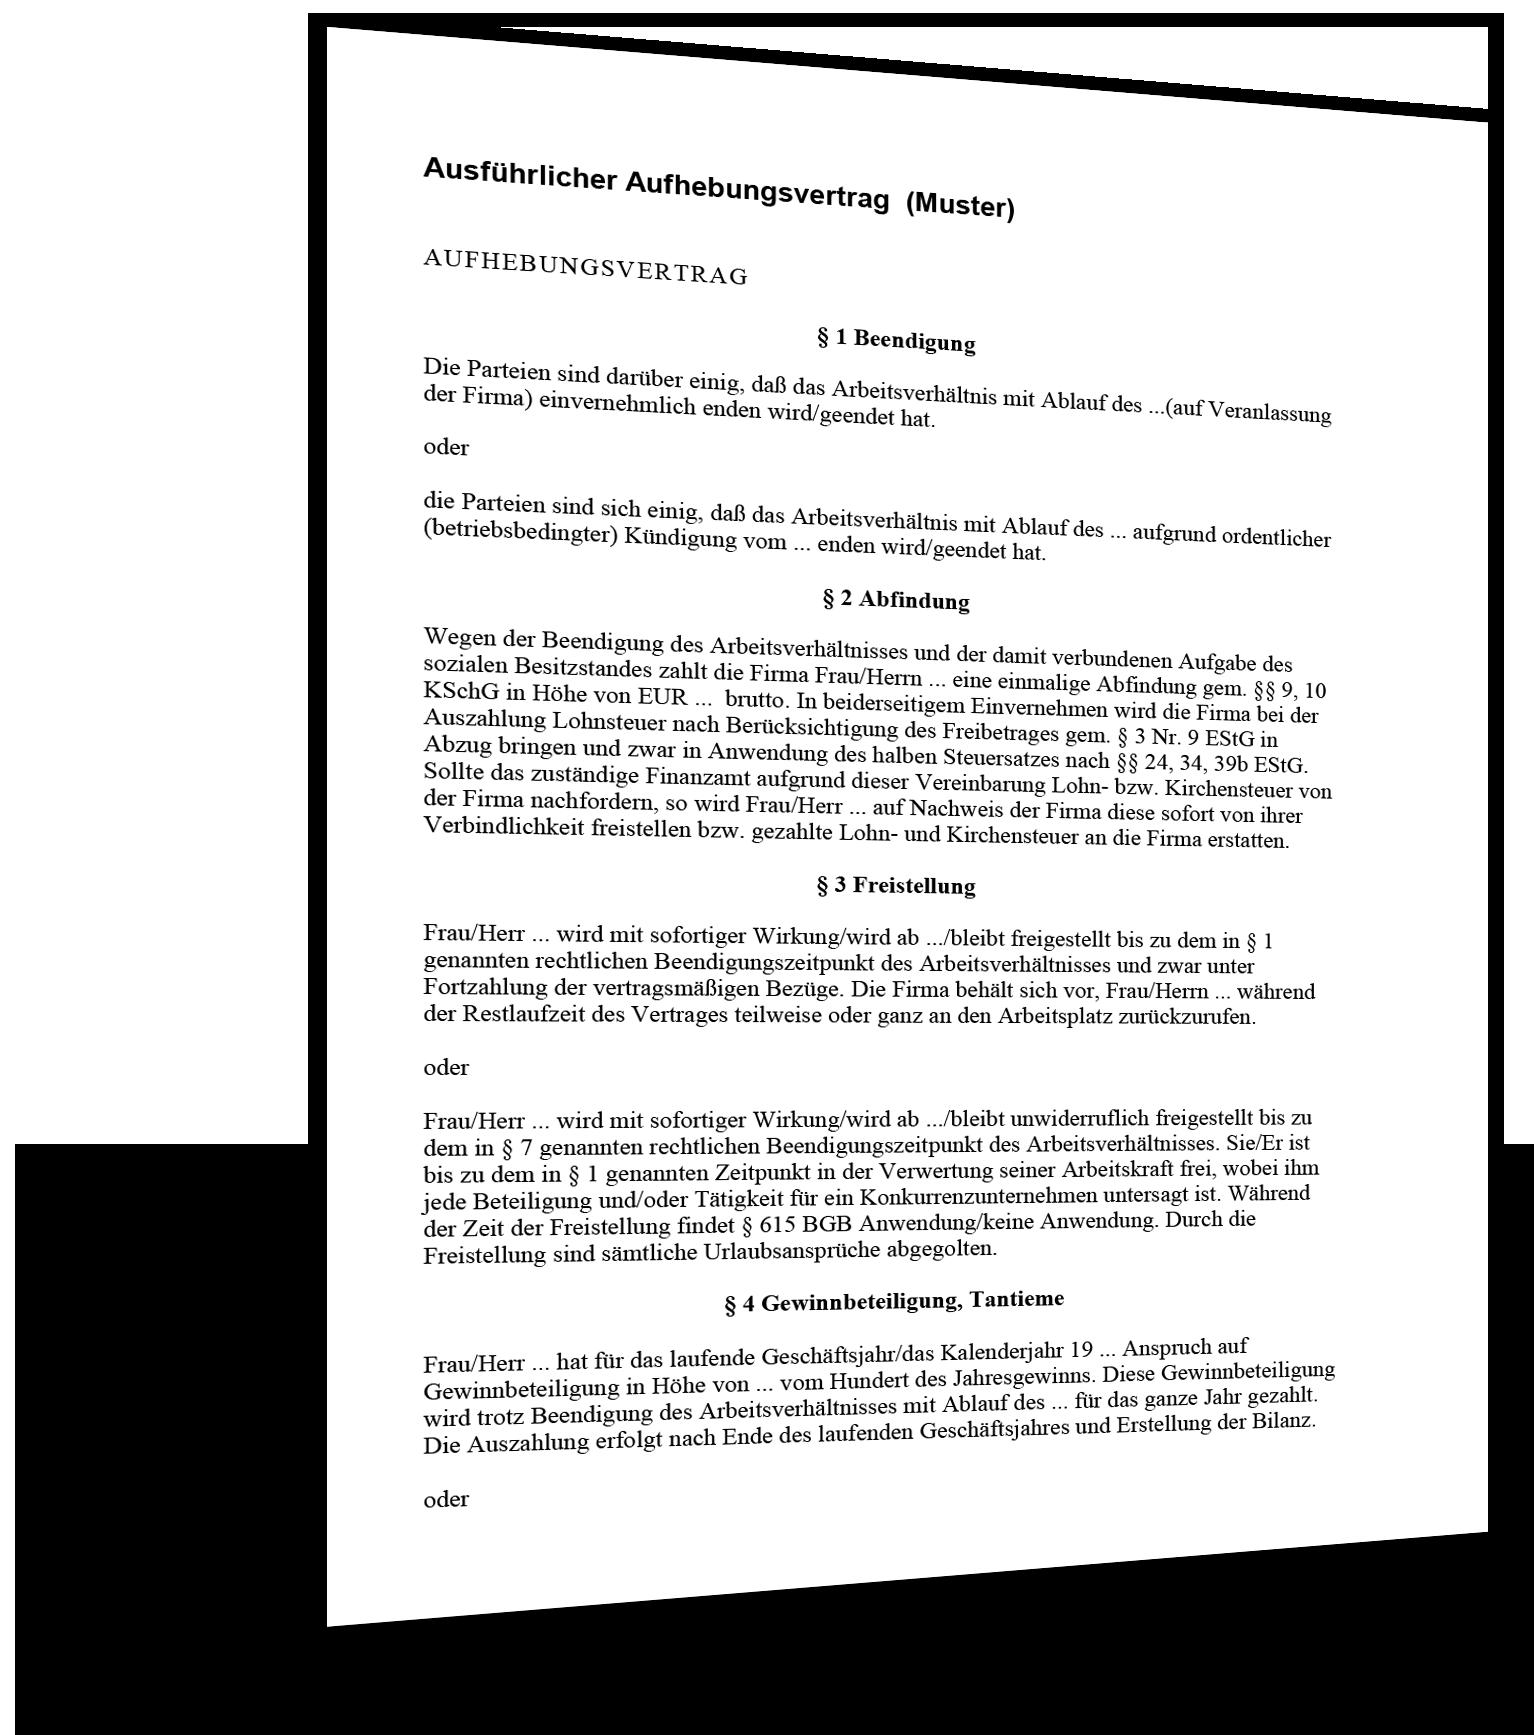 aufhebungsvertrag_ausfuehrlich muster - Kundigung Aufhebungsvertrag Muster